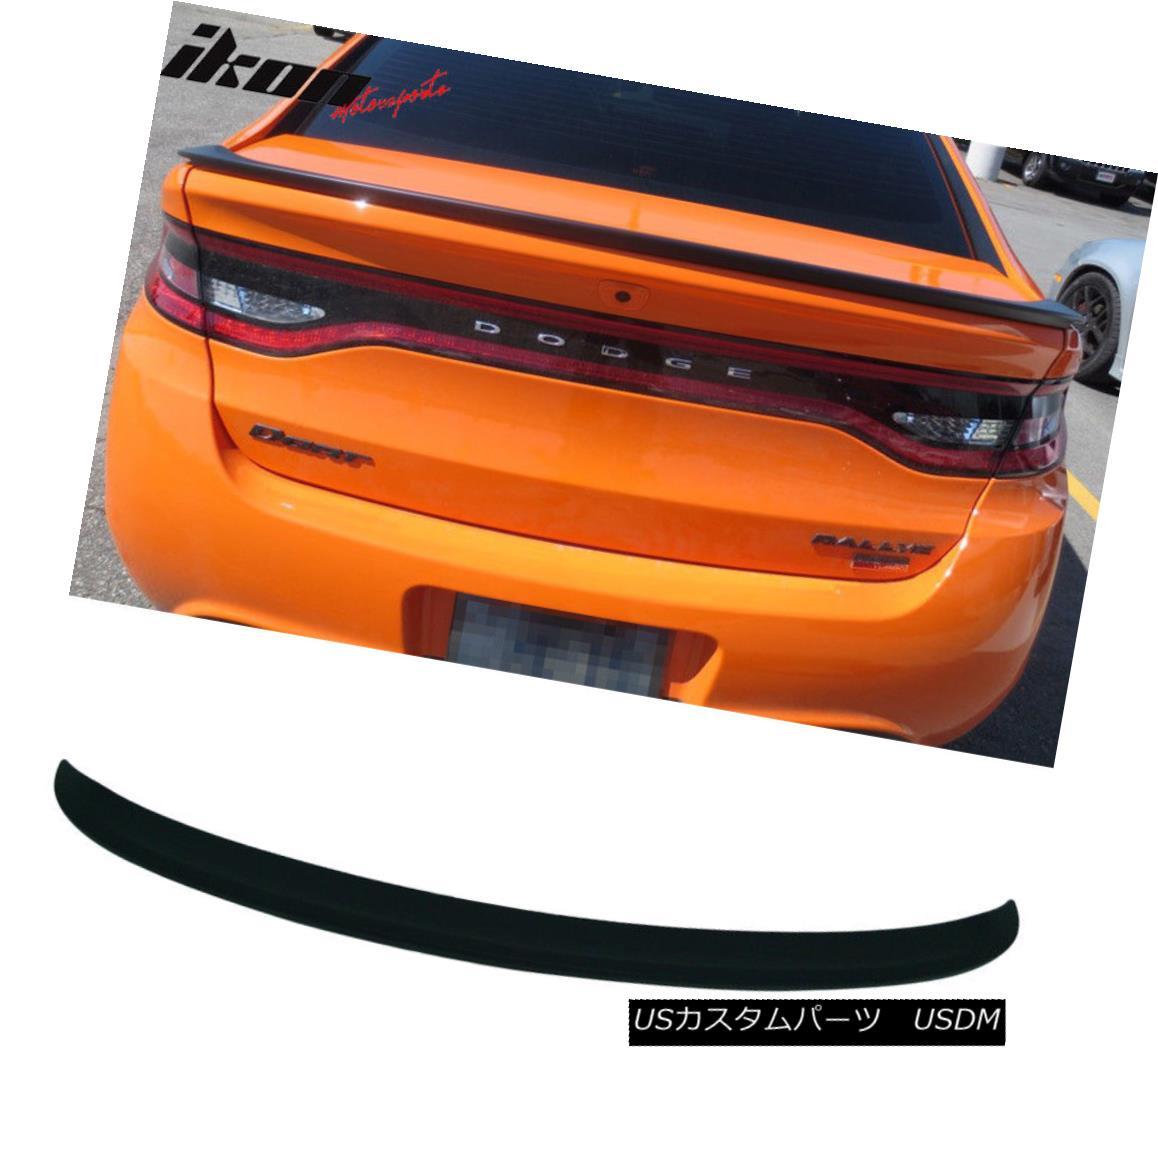 エアロパーツ Matte Black! Fits 13-16 Dodge Dart OE Factory Style Trunk Spoiler ABS マットブラック! 13-16 Dodge Dart OE工場スタイルのトランク・スポイラーABSに適合